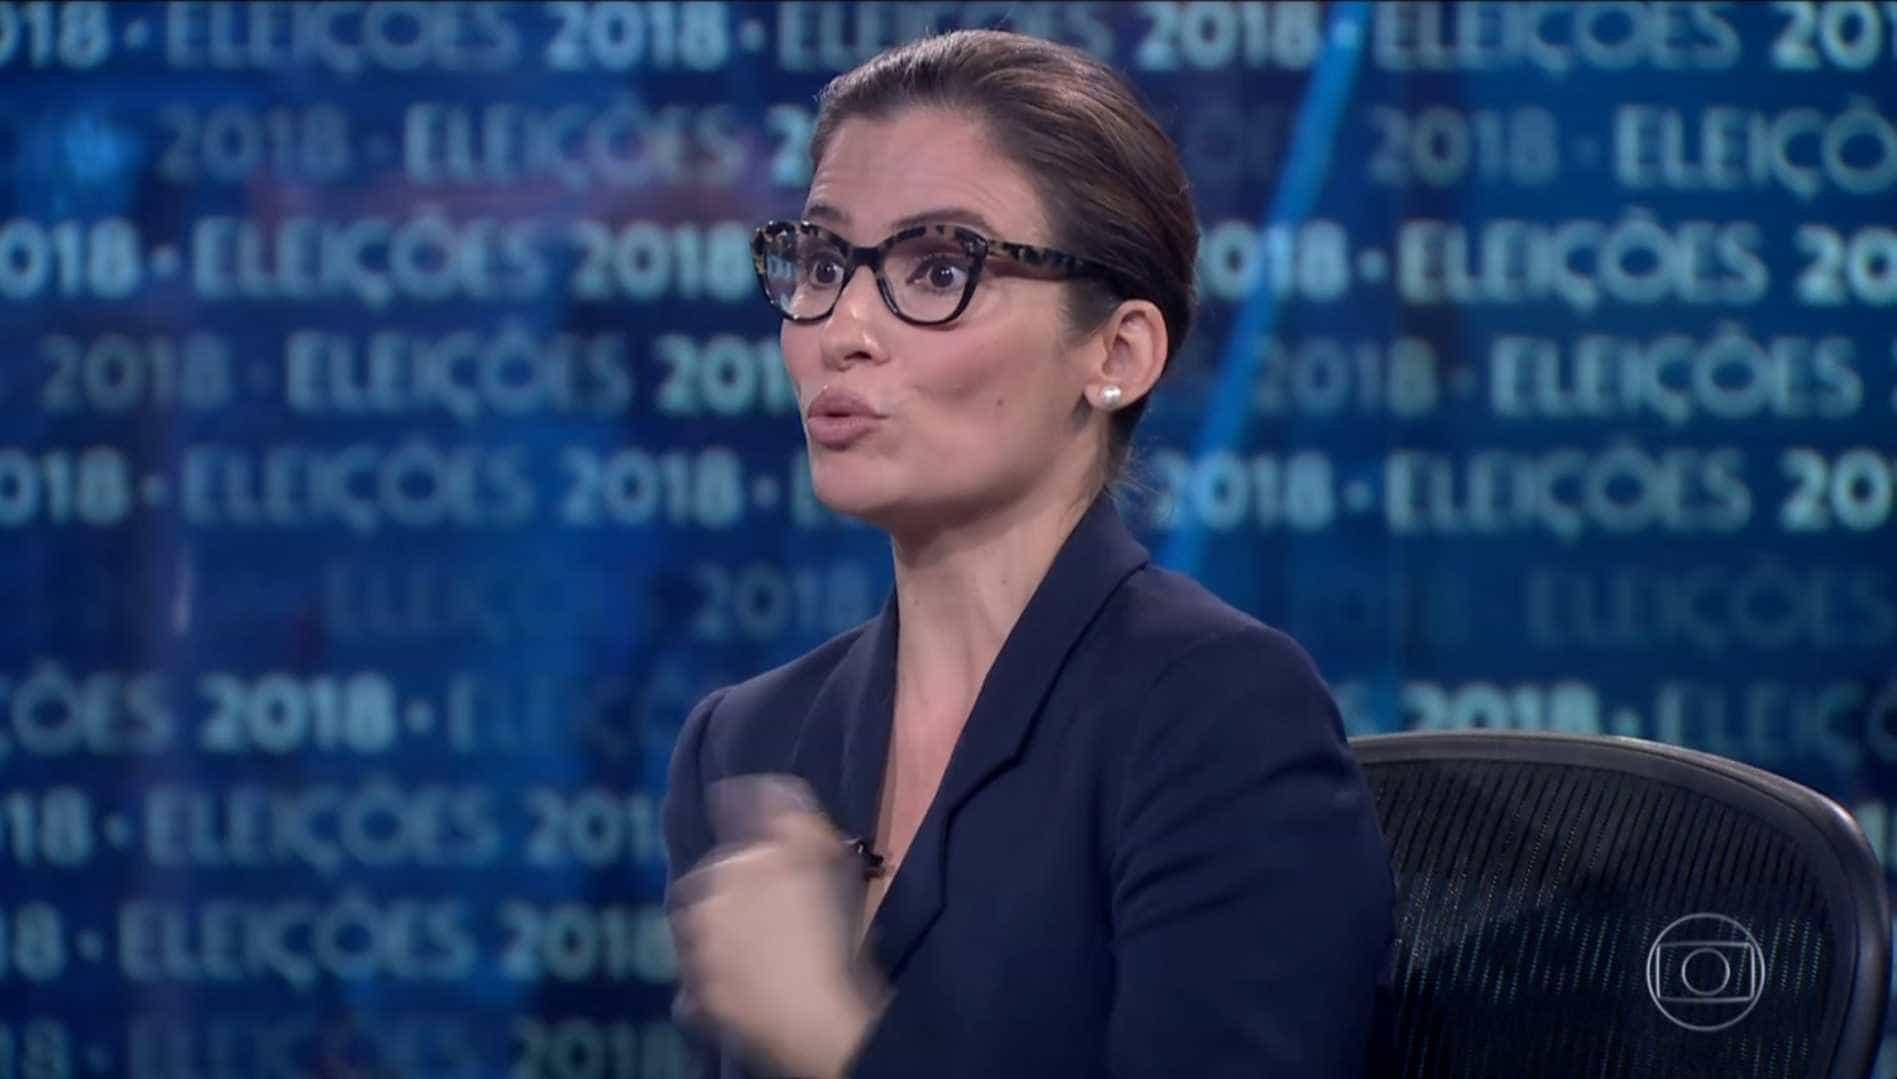 Embate com Renata Vasconcellos marca entrevista de Bolsonaro no JN